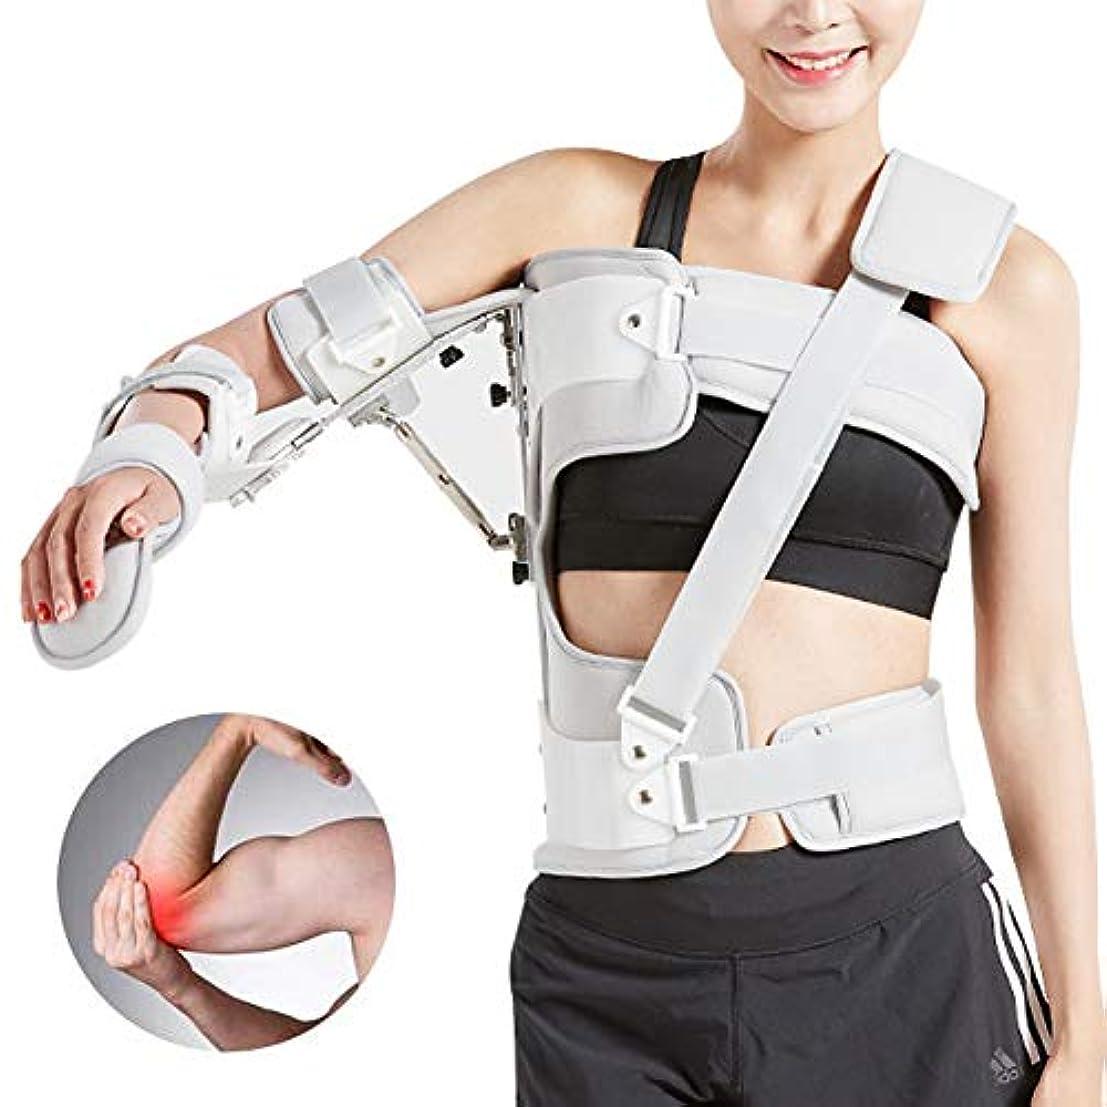 ヒットパートナー探検調節可能なアームスリング外転枕骨折肘サポートブレース、傷害回復アーム固定、転位回旋腱板滑液包炎腱炎、ワンサイズ - ユニセックス